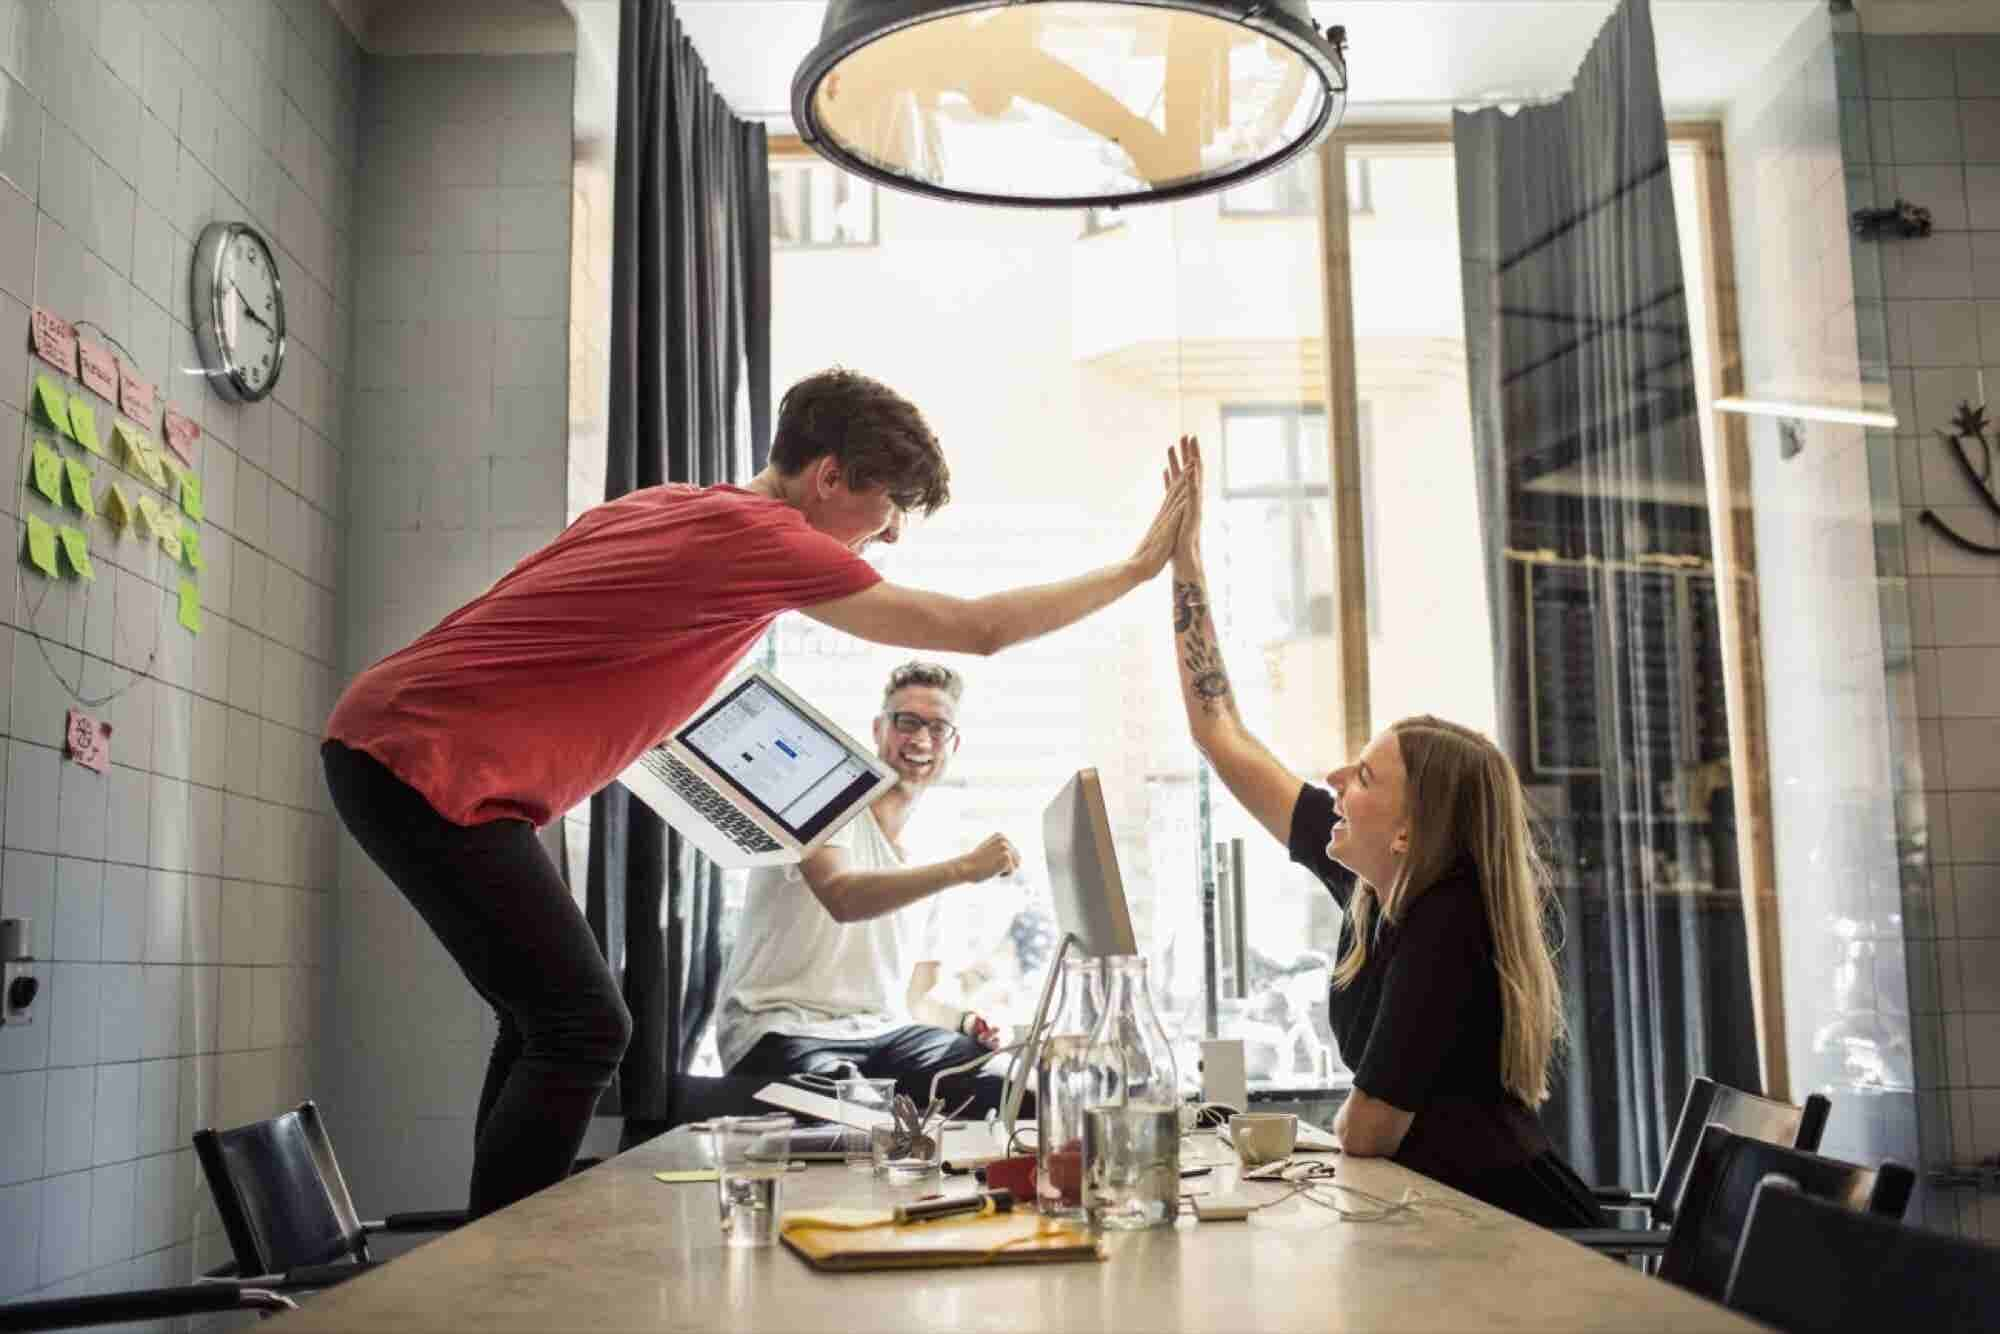 9 Entrepreneur Habits That Lead to Long-Term Success